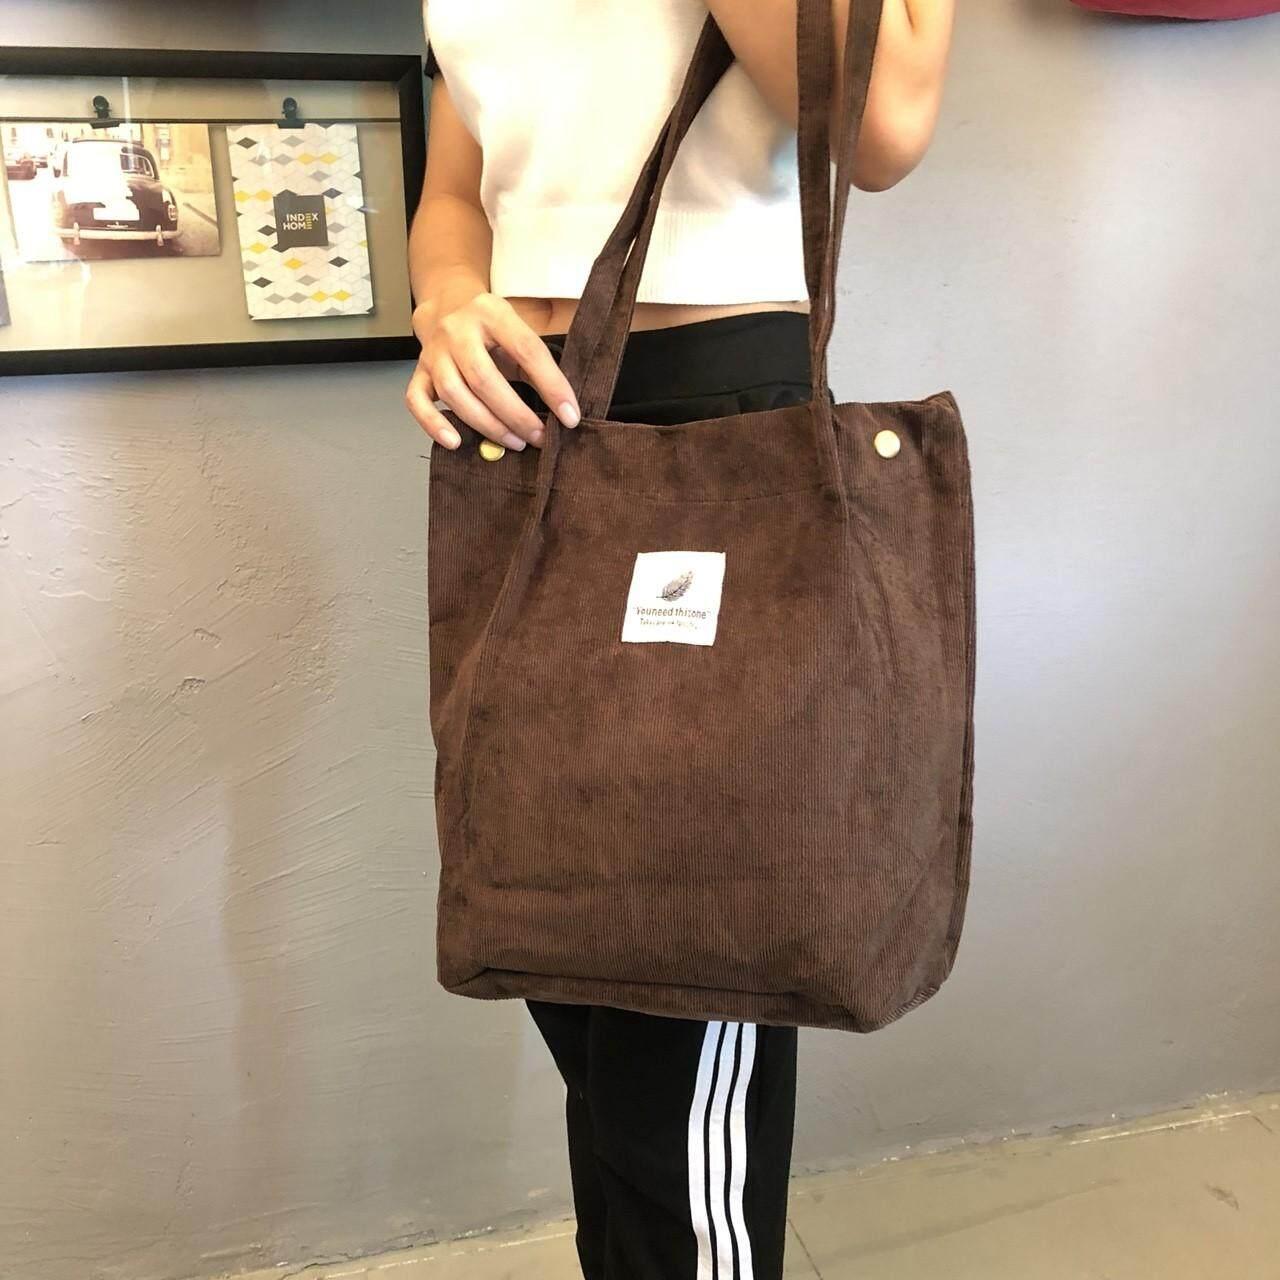 กระเป๋าเป้ นักเรียน ผู้หญิง วัยรุ่น สตูล กระเป๋าผ้าYouneedผ้าลูกฝูกสไตล์น่ารัก B454)